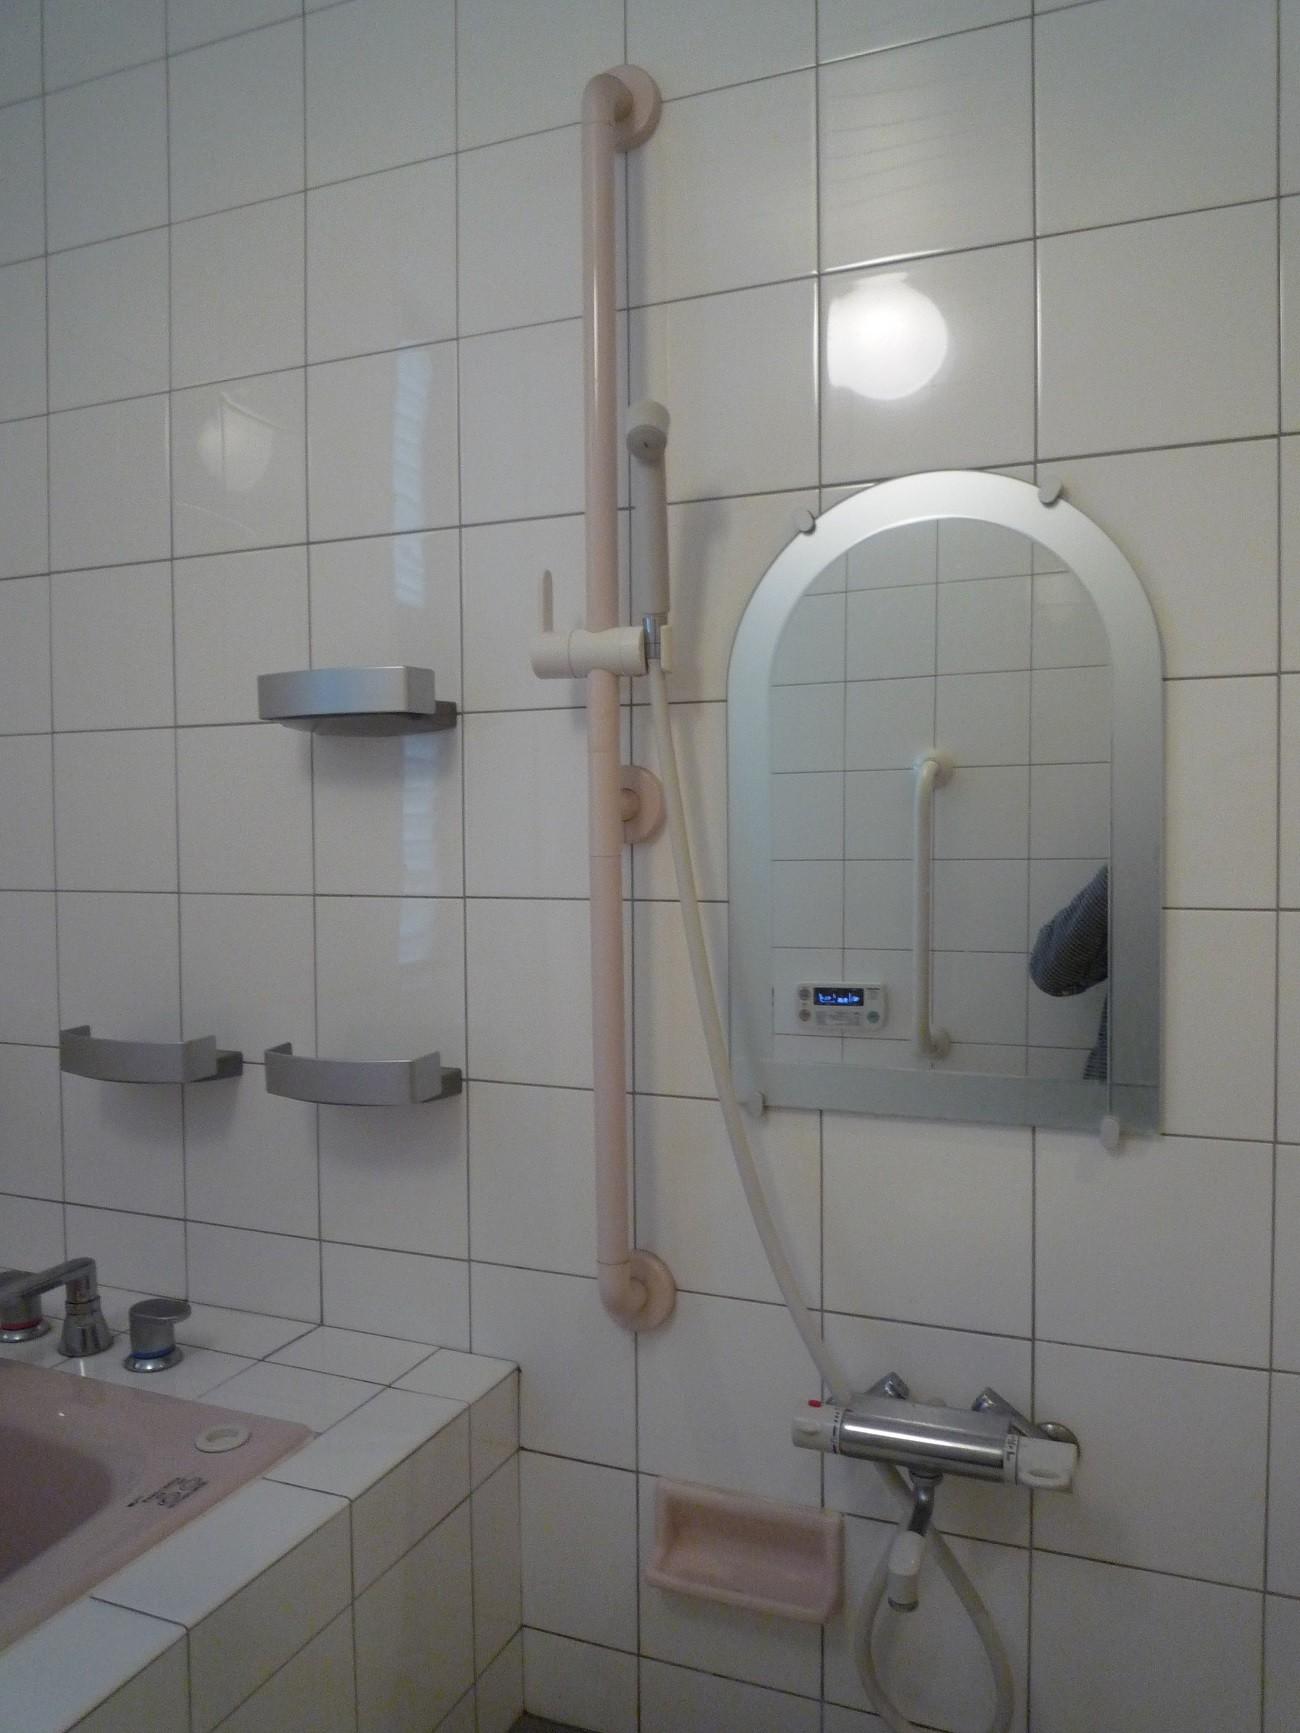 バス/トイレ事例:浴室の洗い場:バリアフリー対策(平屋に住まう:夫婦二人に ちょうどいいシンプルな住まい)